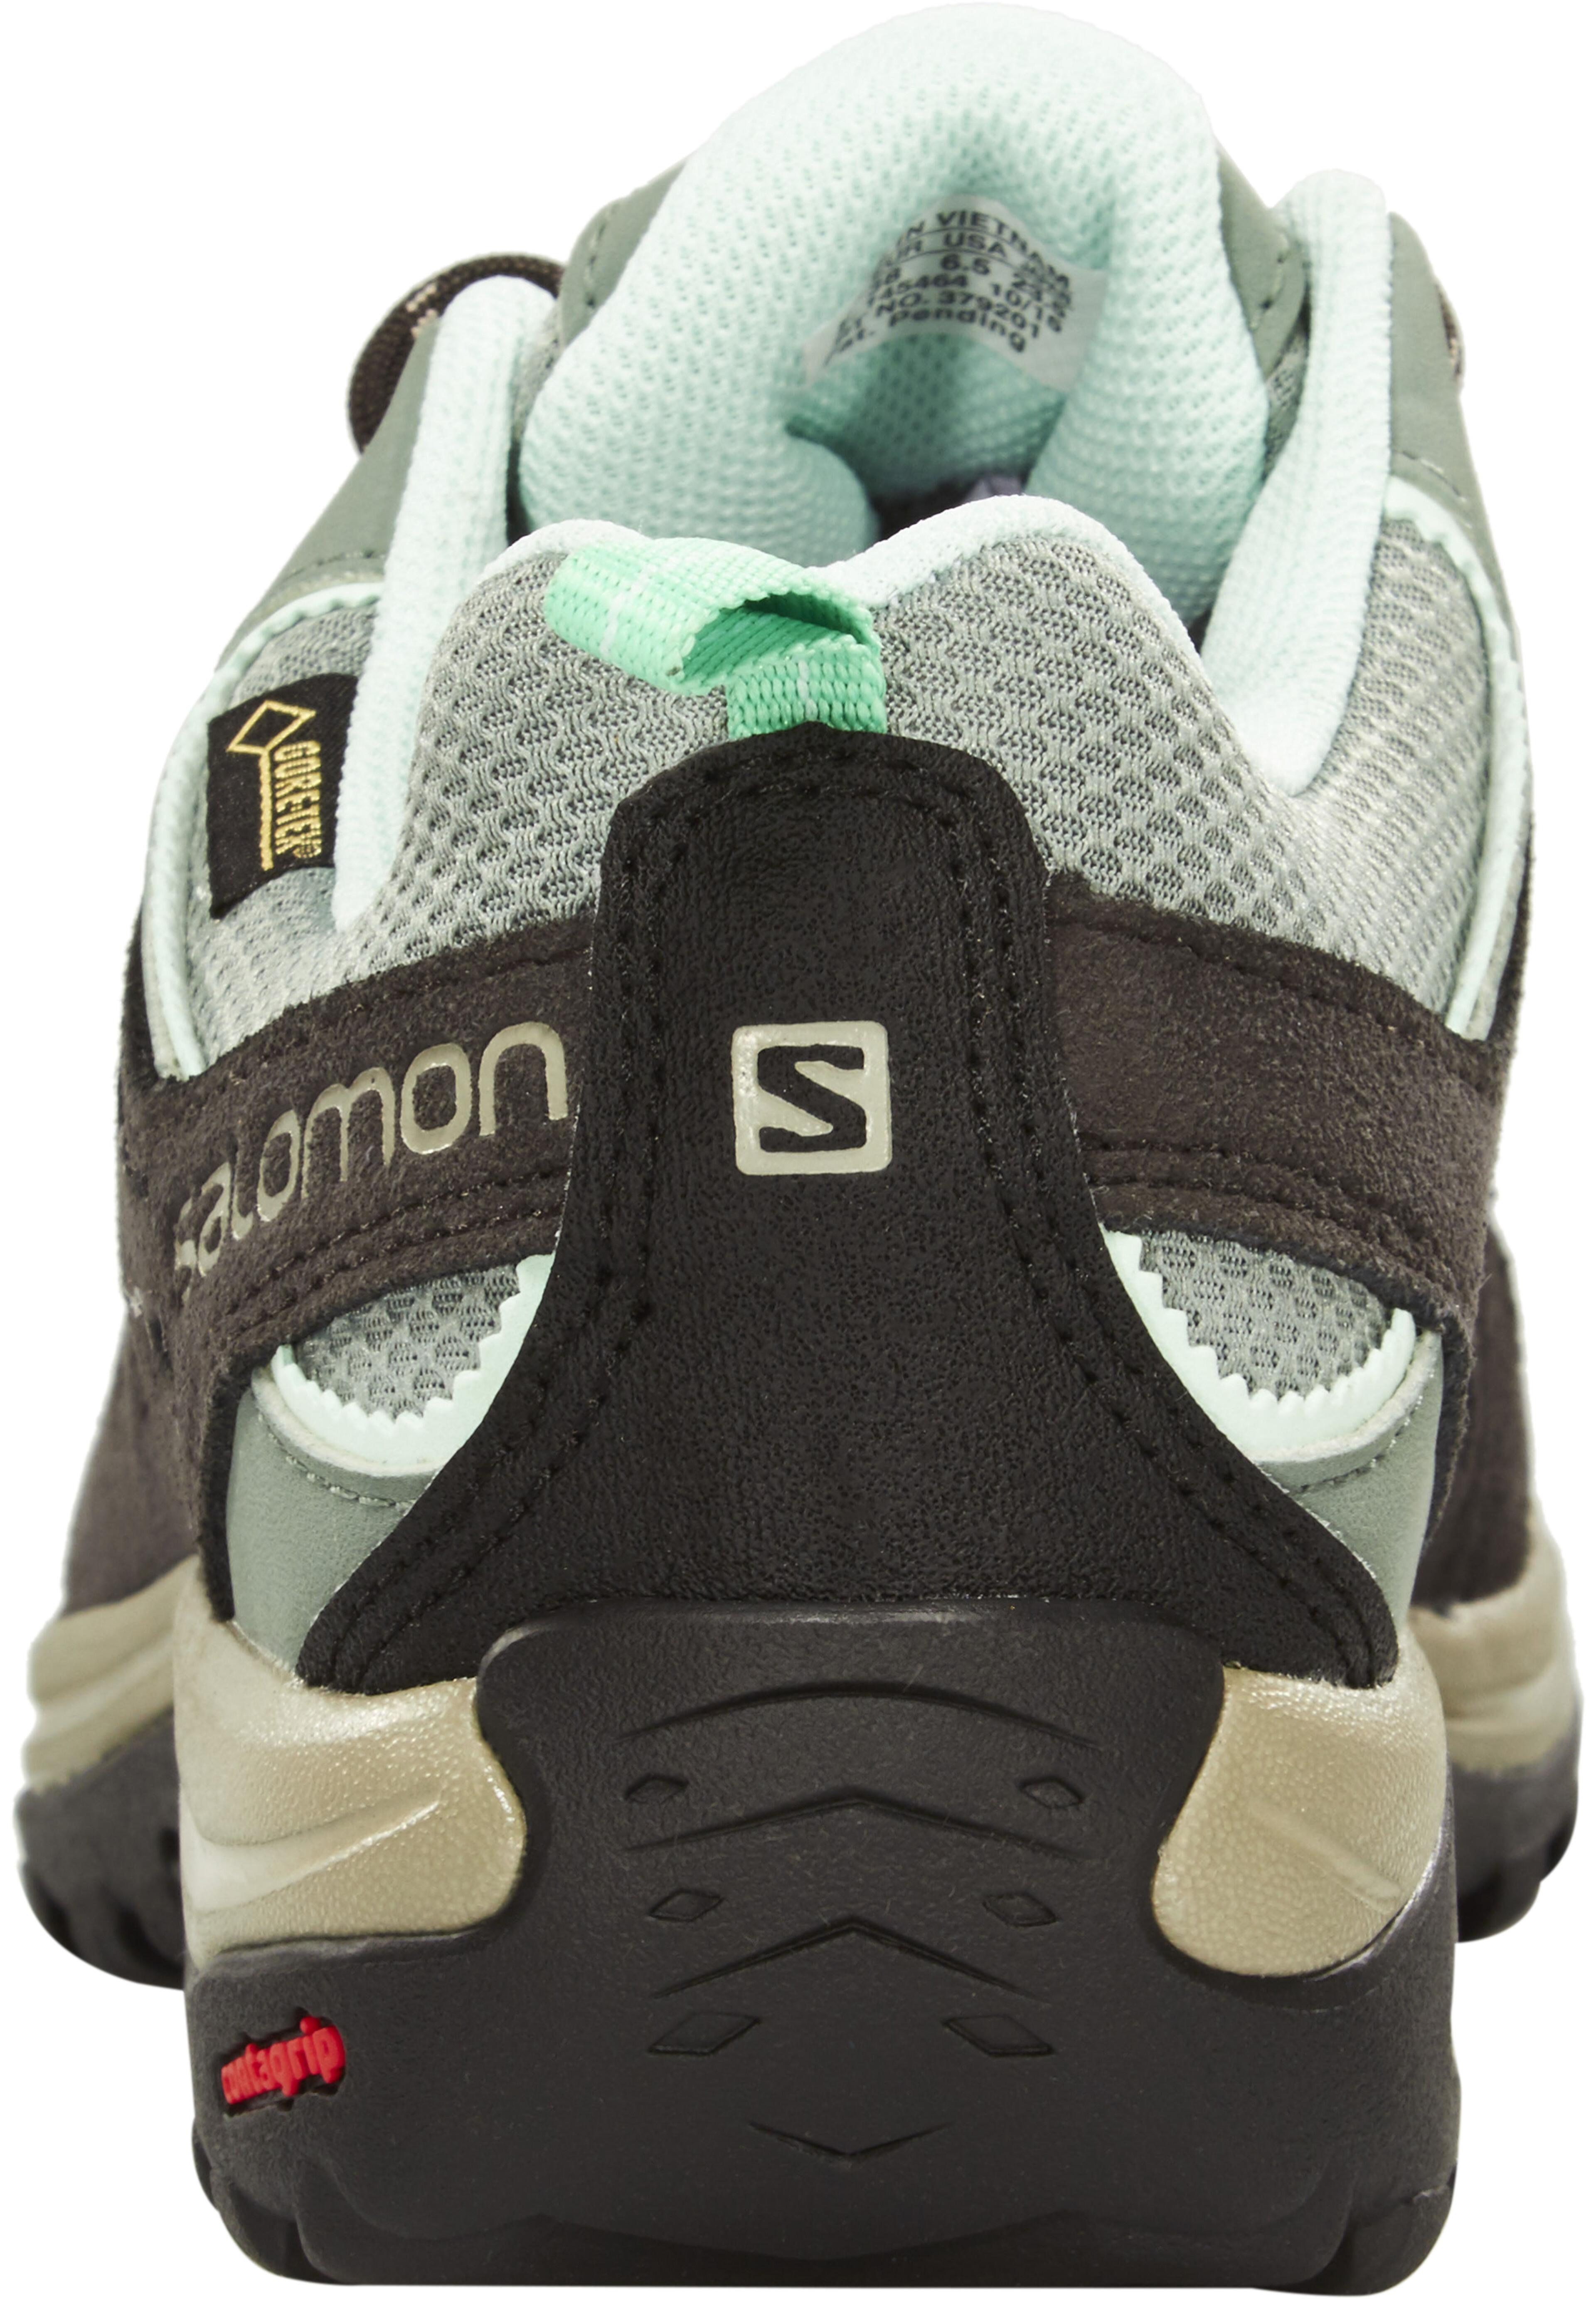 11a4c0381e5 Salomon Ellipse 2 GTX Schoenen Dames grijs/turquoise l Online ...